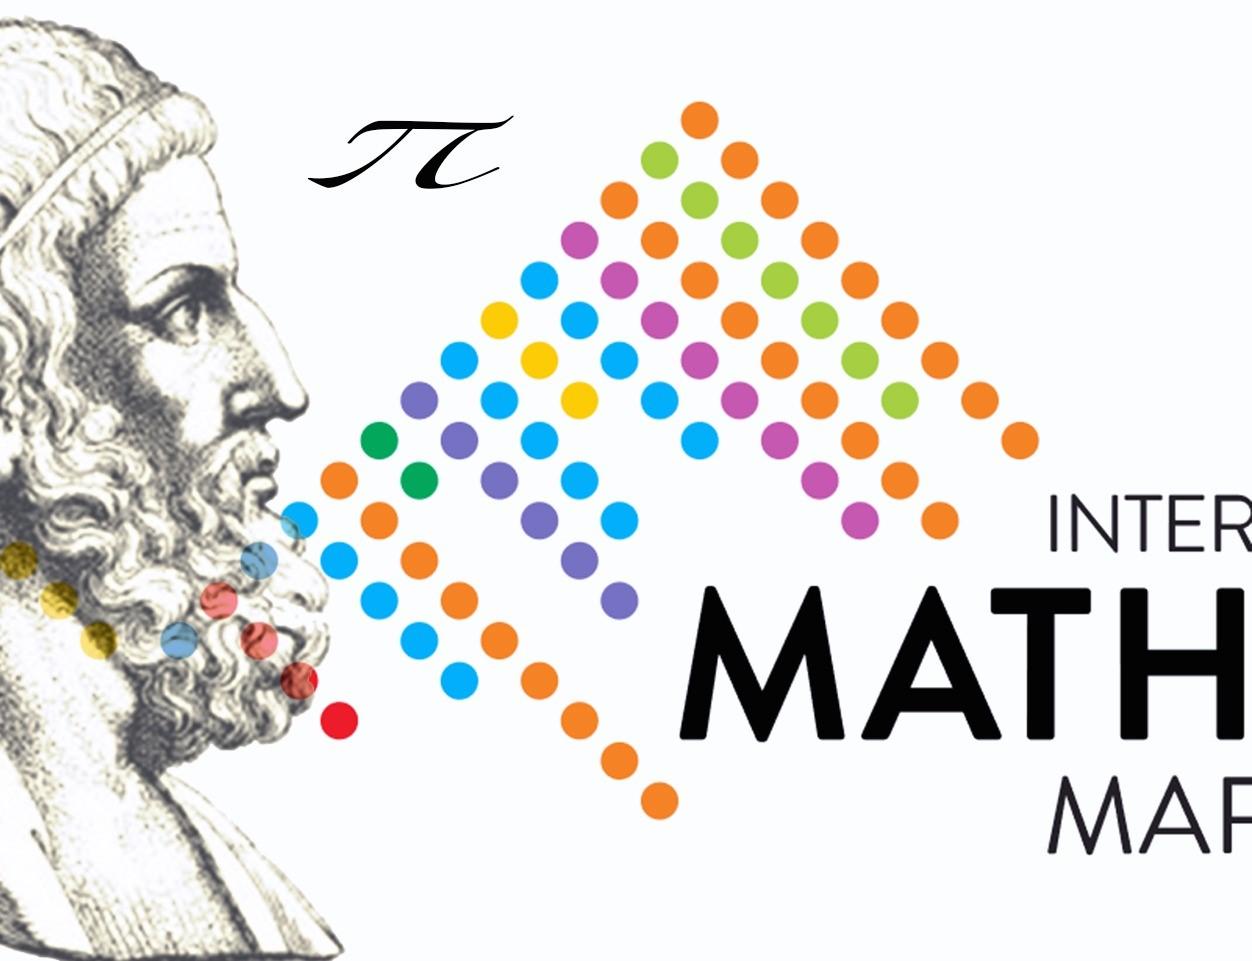 Giornata Internazionale della Matematica